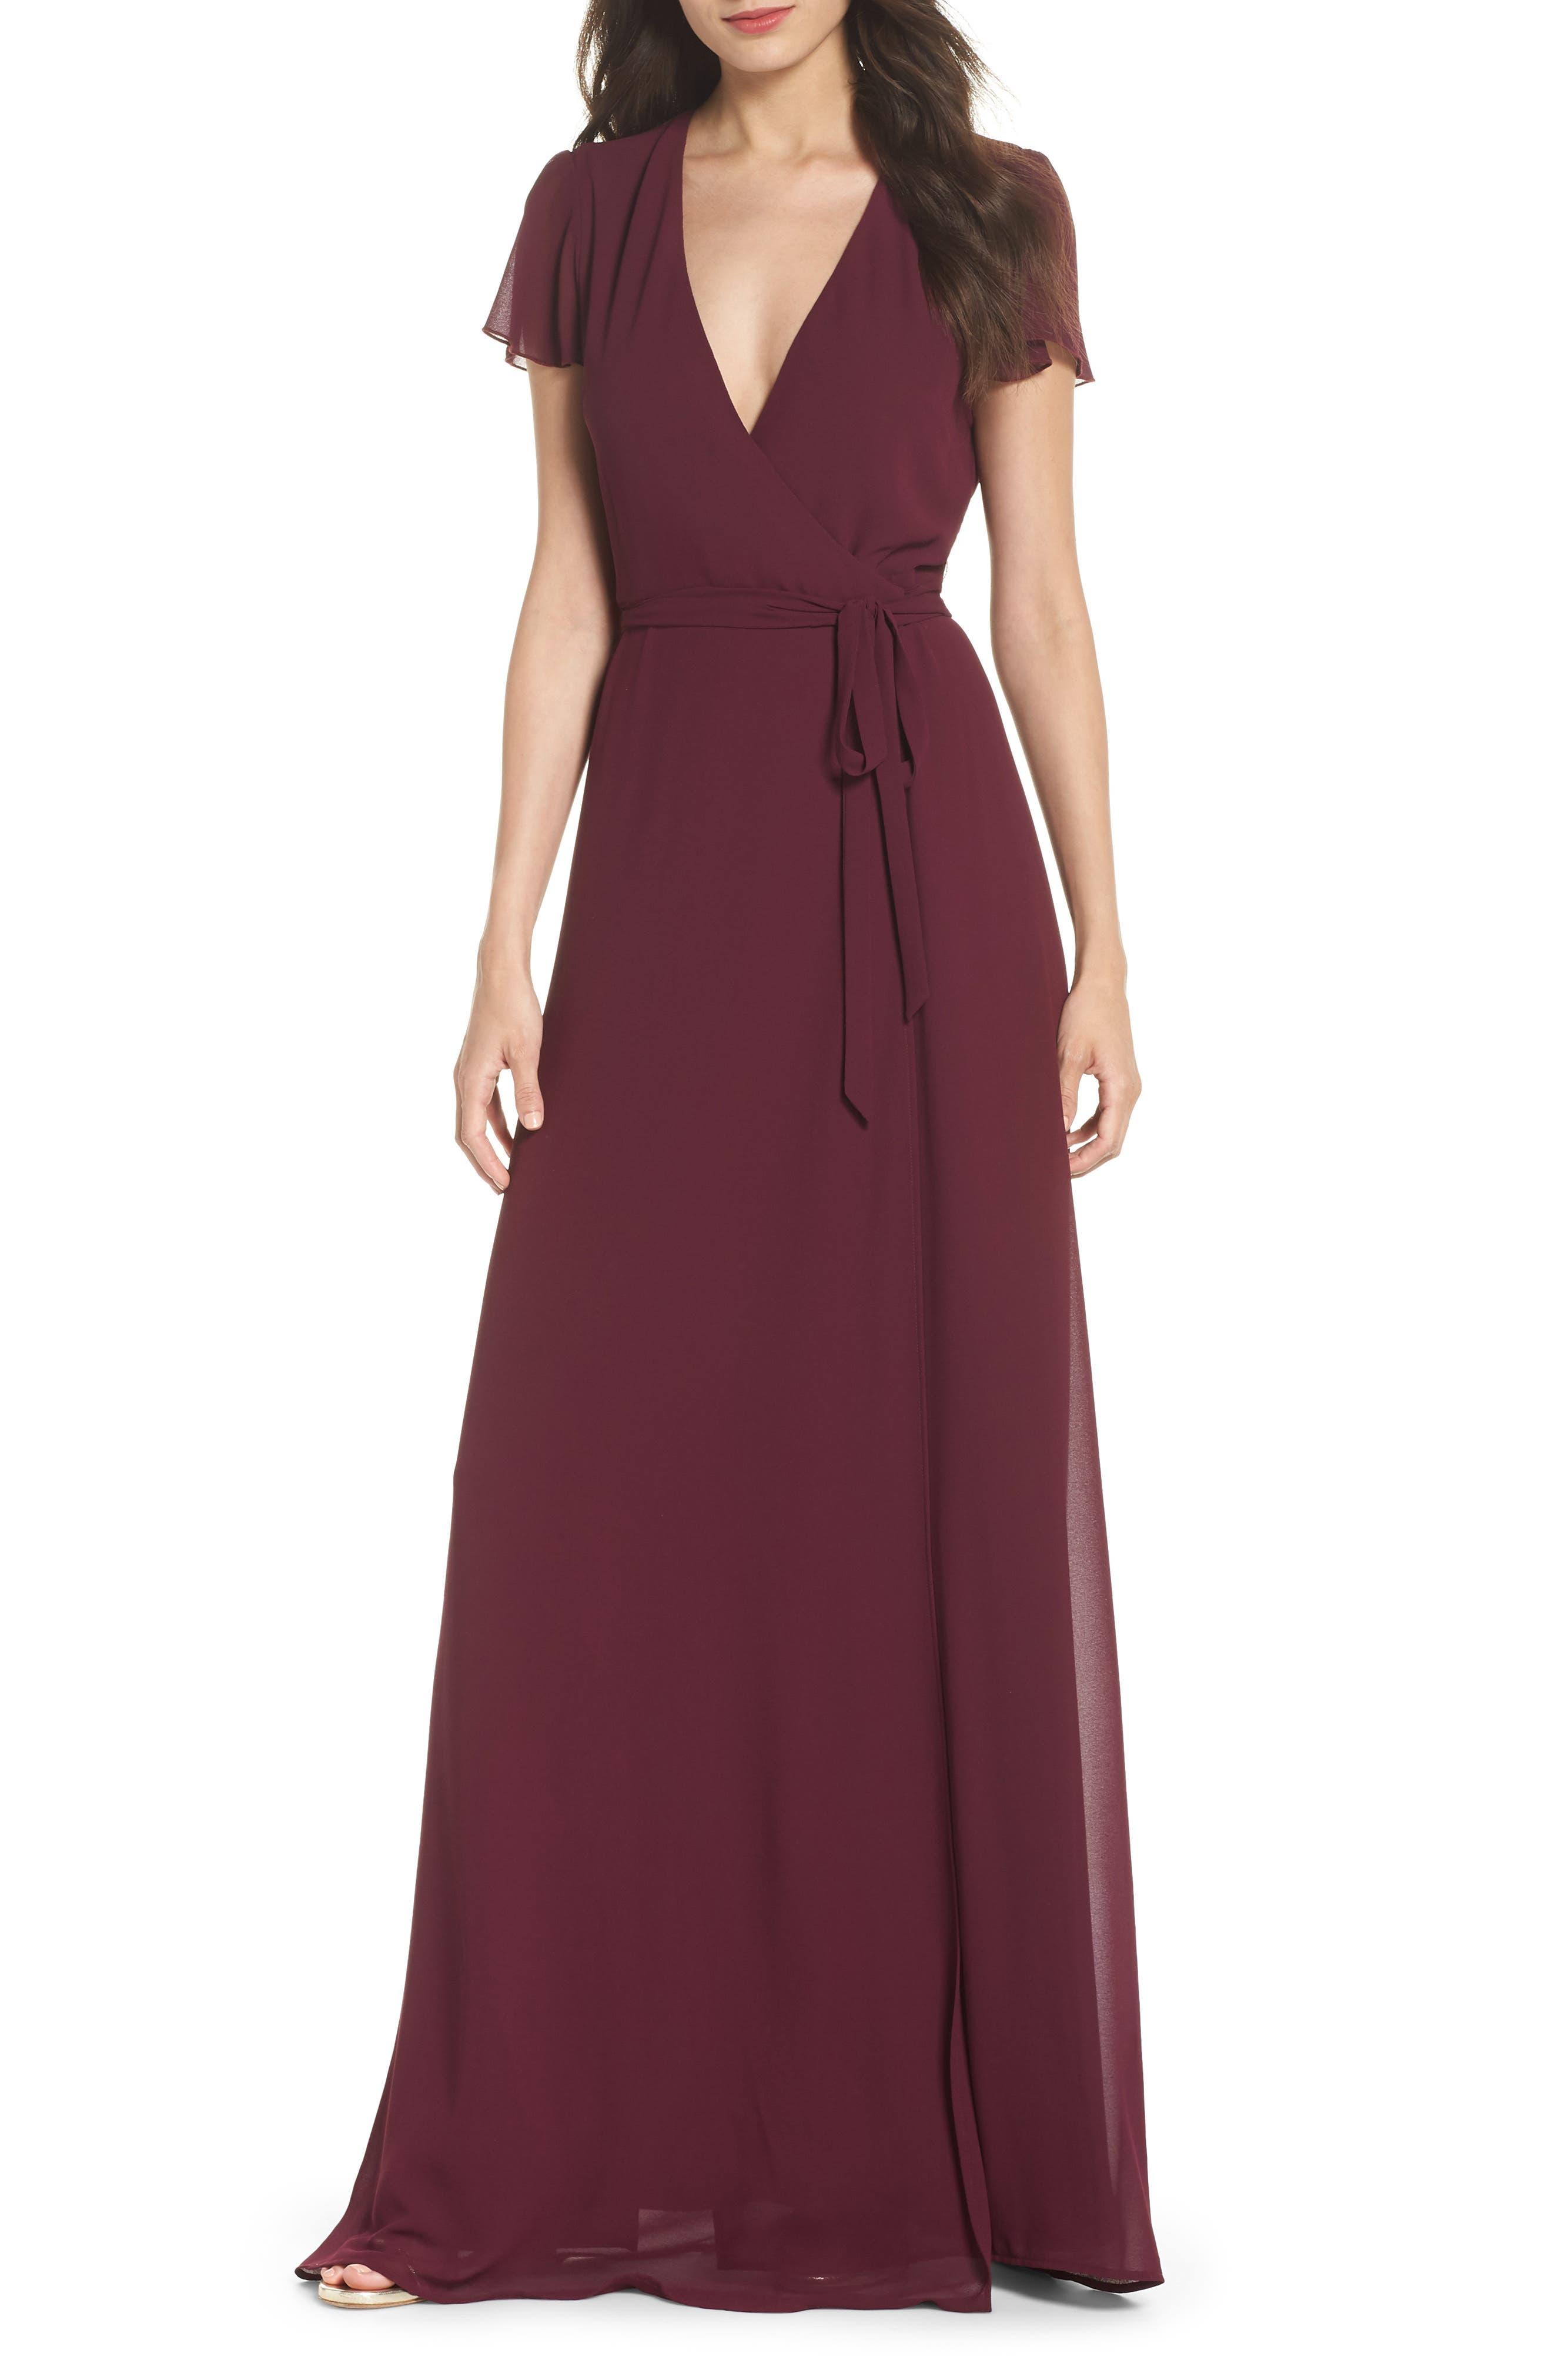 SHOW ME YOUR MUMU, Noelle Wrap Dress, Main thumbnail 1, color, MERLOT CHIFFON